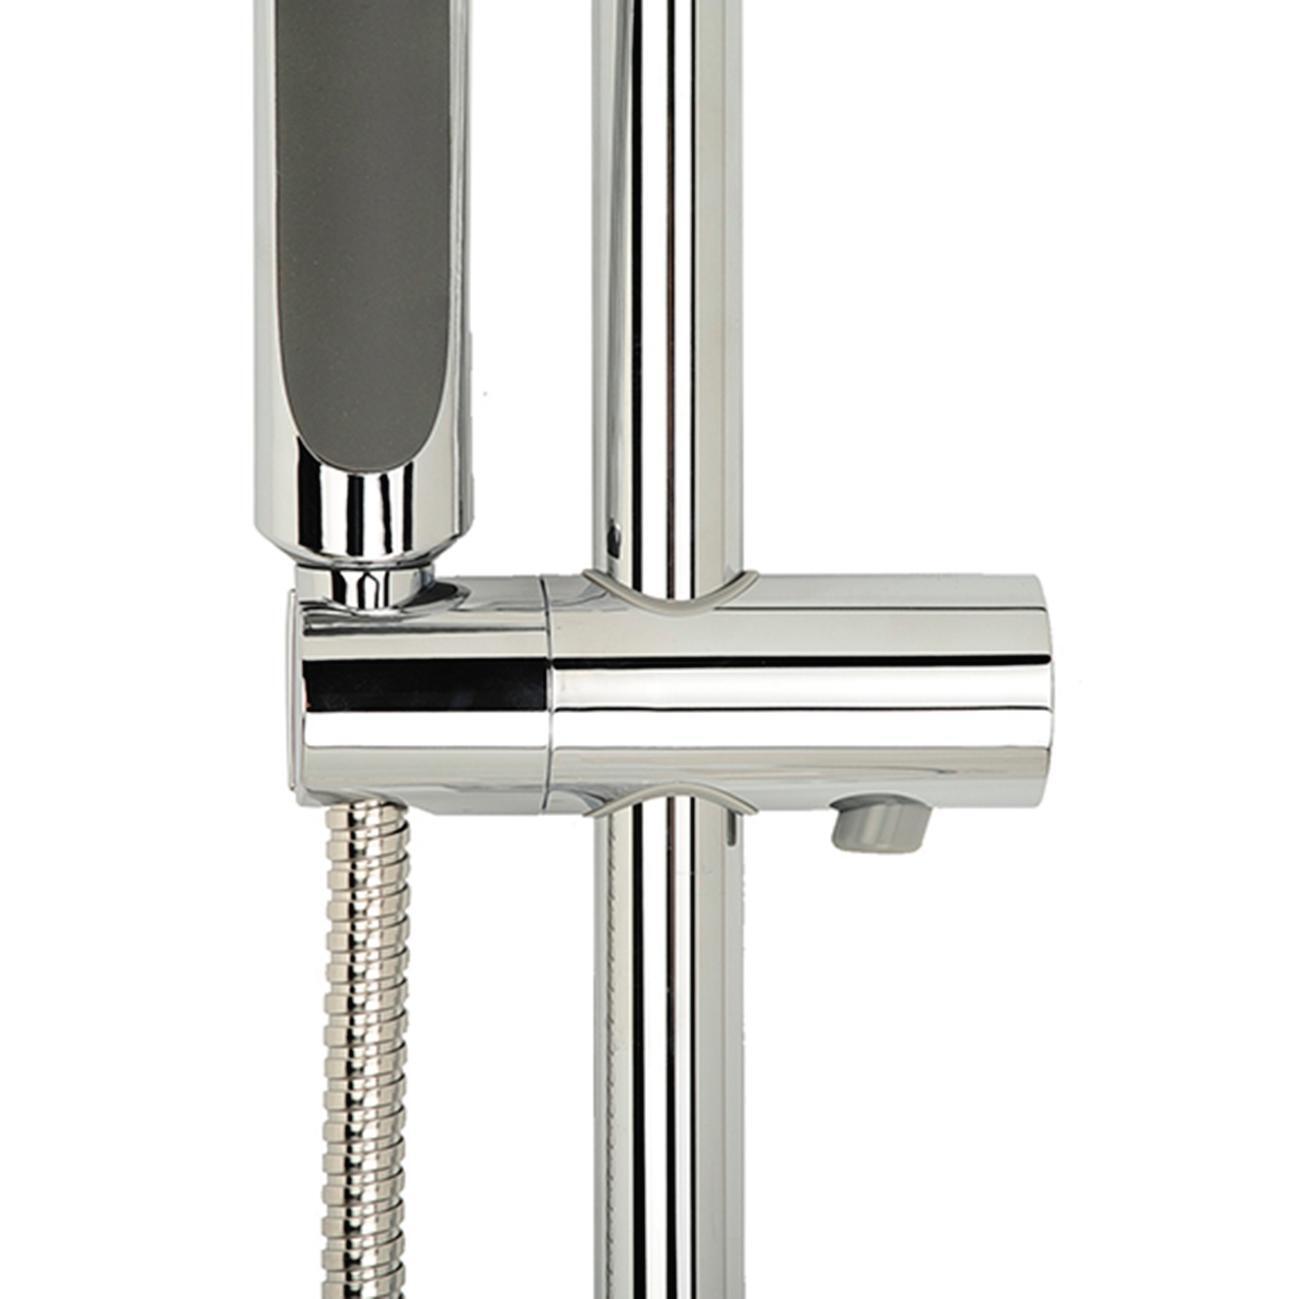 Saliscendi per doccia SENSEA 4 getti - 3